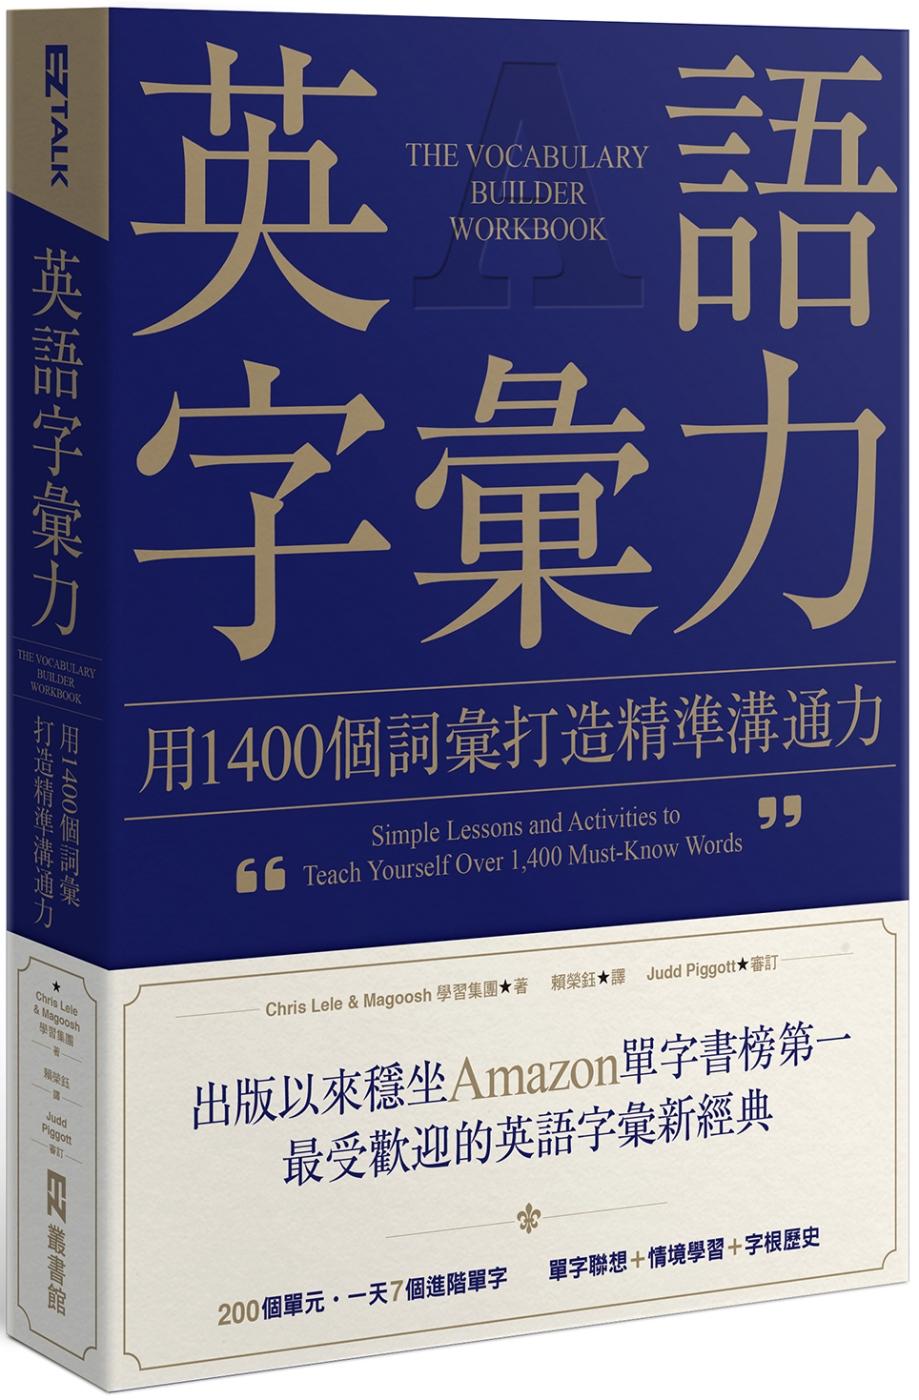 英語字彙力:用1400個詞彙打造精準溝通力